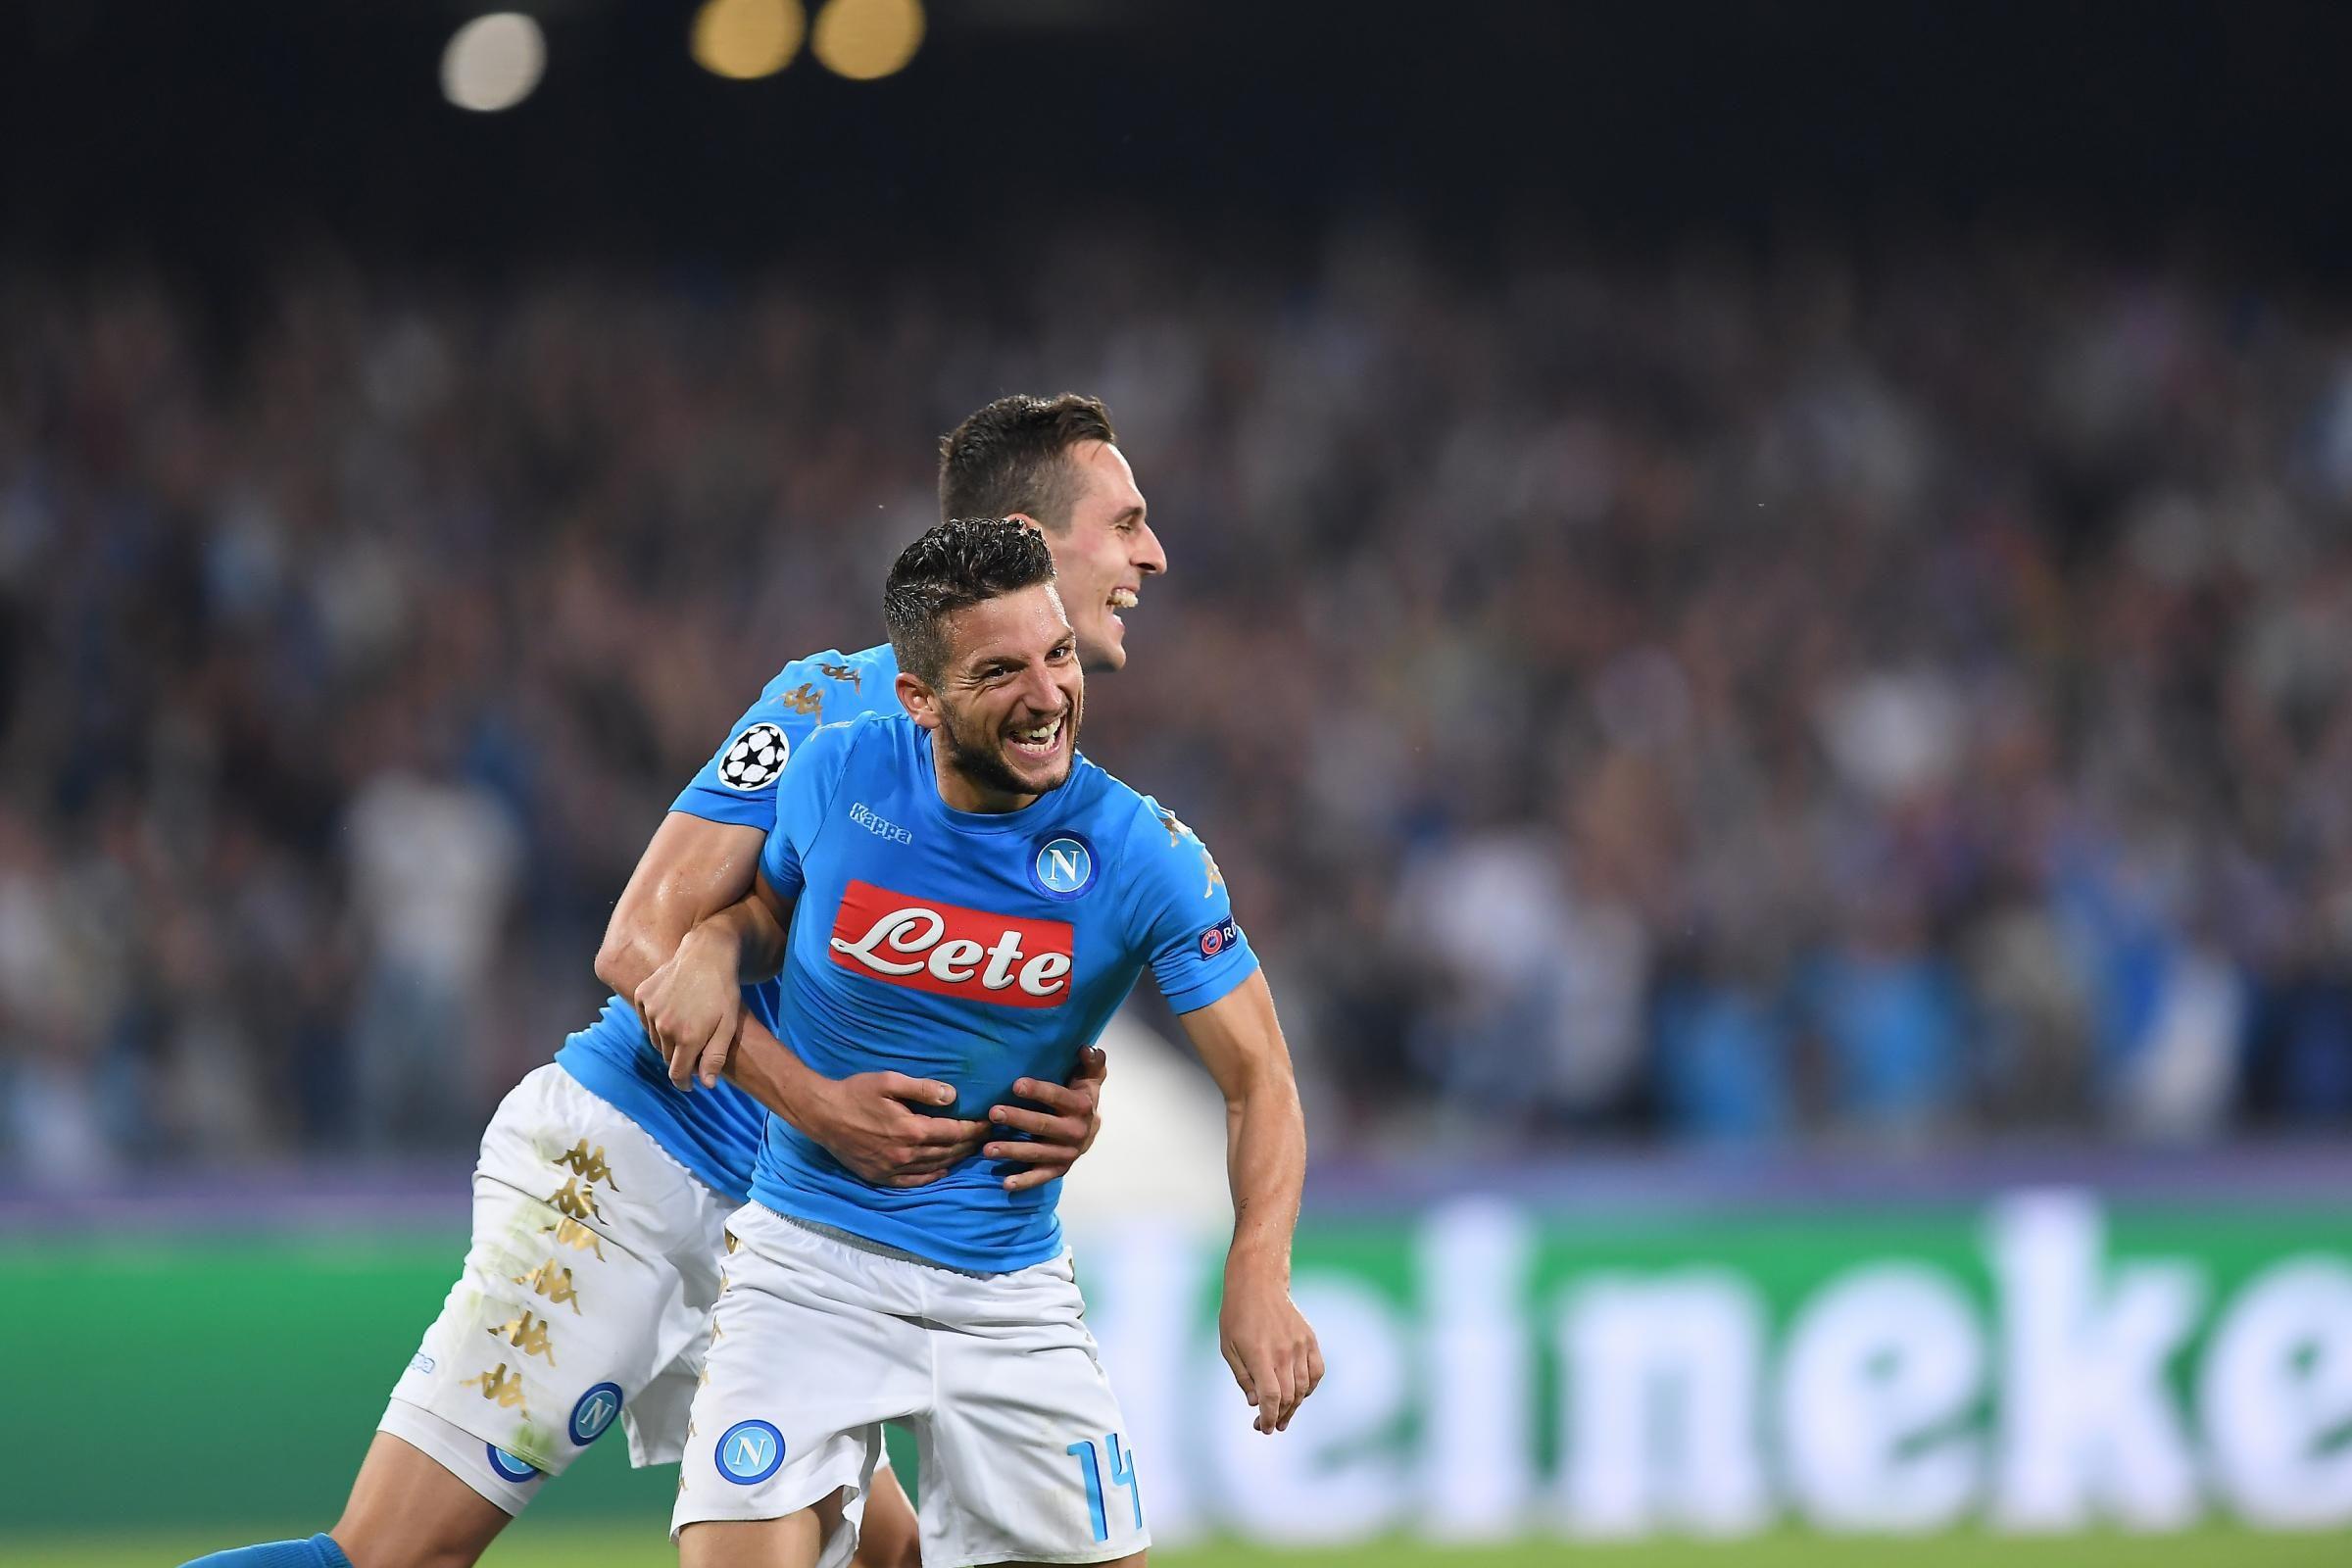 Perché la coppia Milik-Mertens è una suggestione possibile per il Napoli di Ancelotti